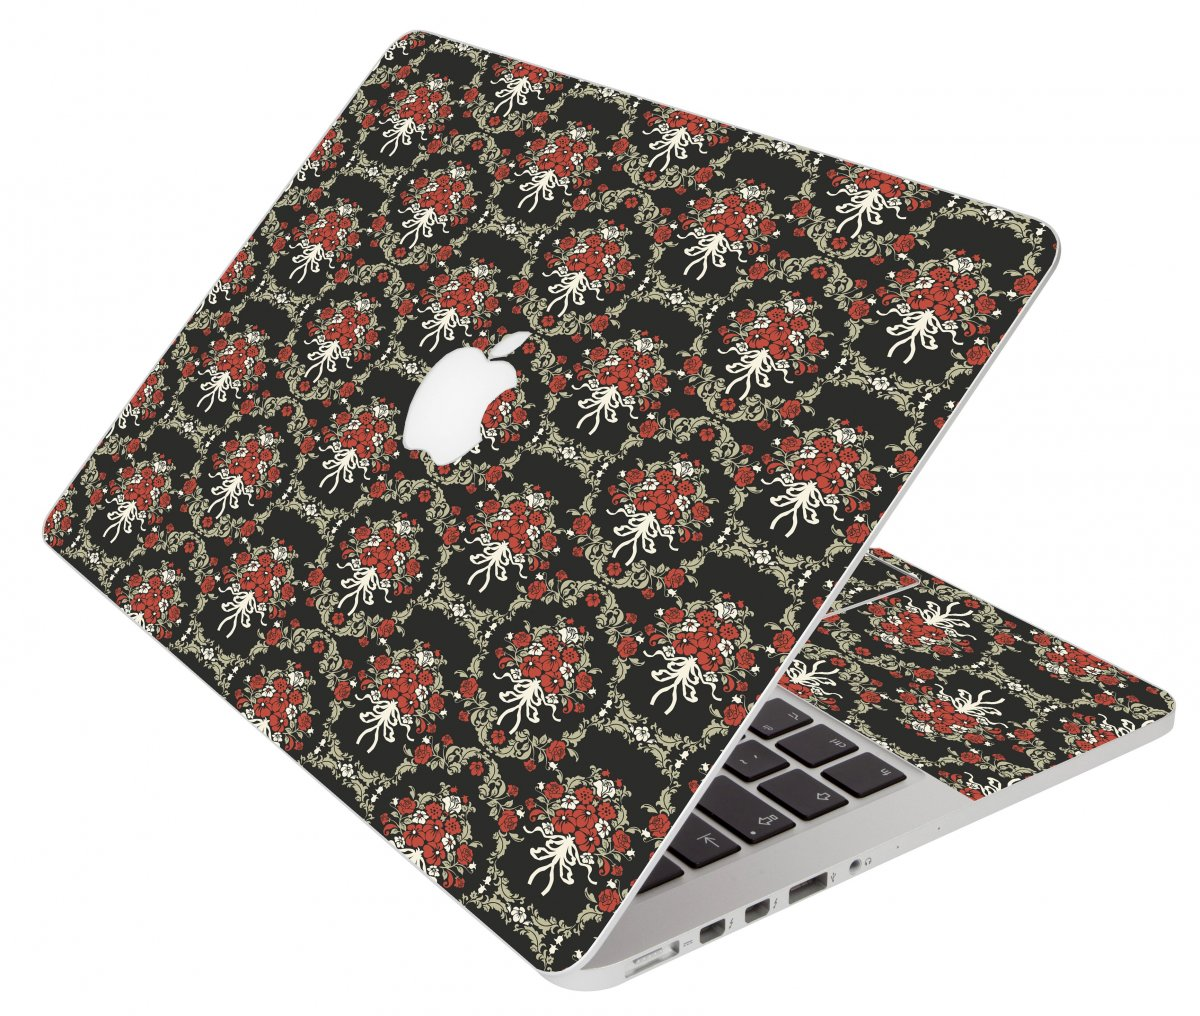 Black Flower Versailles Apple Macbook Air 11 A1370 Laptop Skin